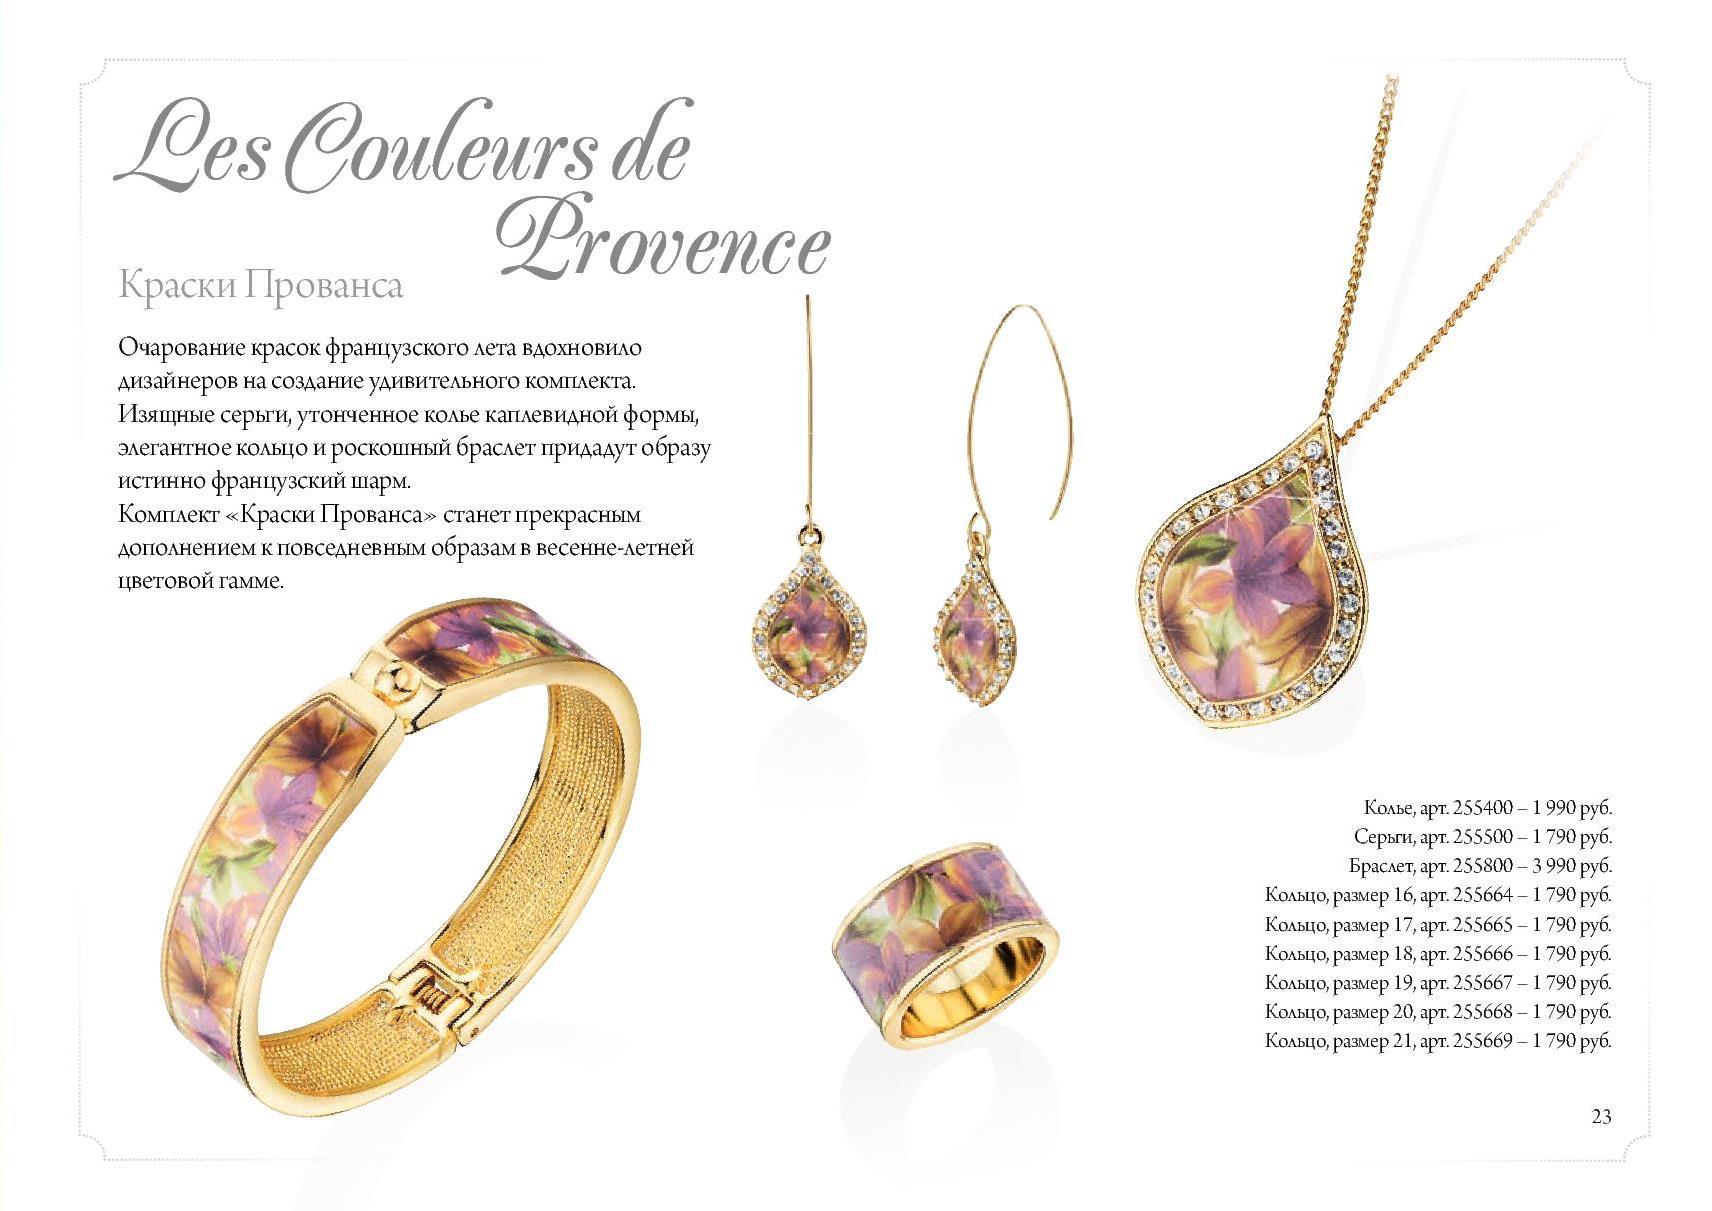 Флоранж Колье, серьги, браслет, кольцо Les Couleurs de Provence Краски Прованса